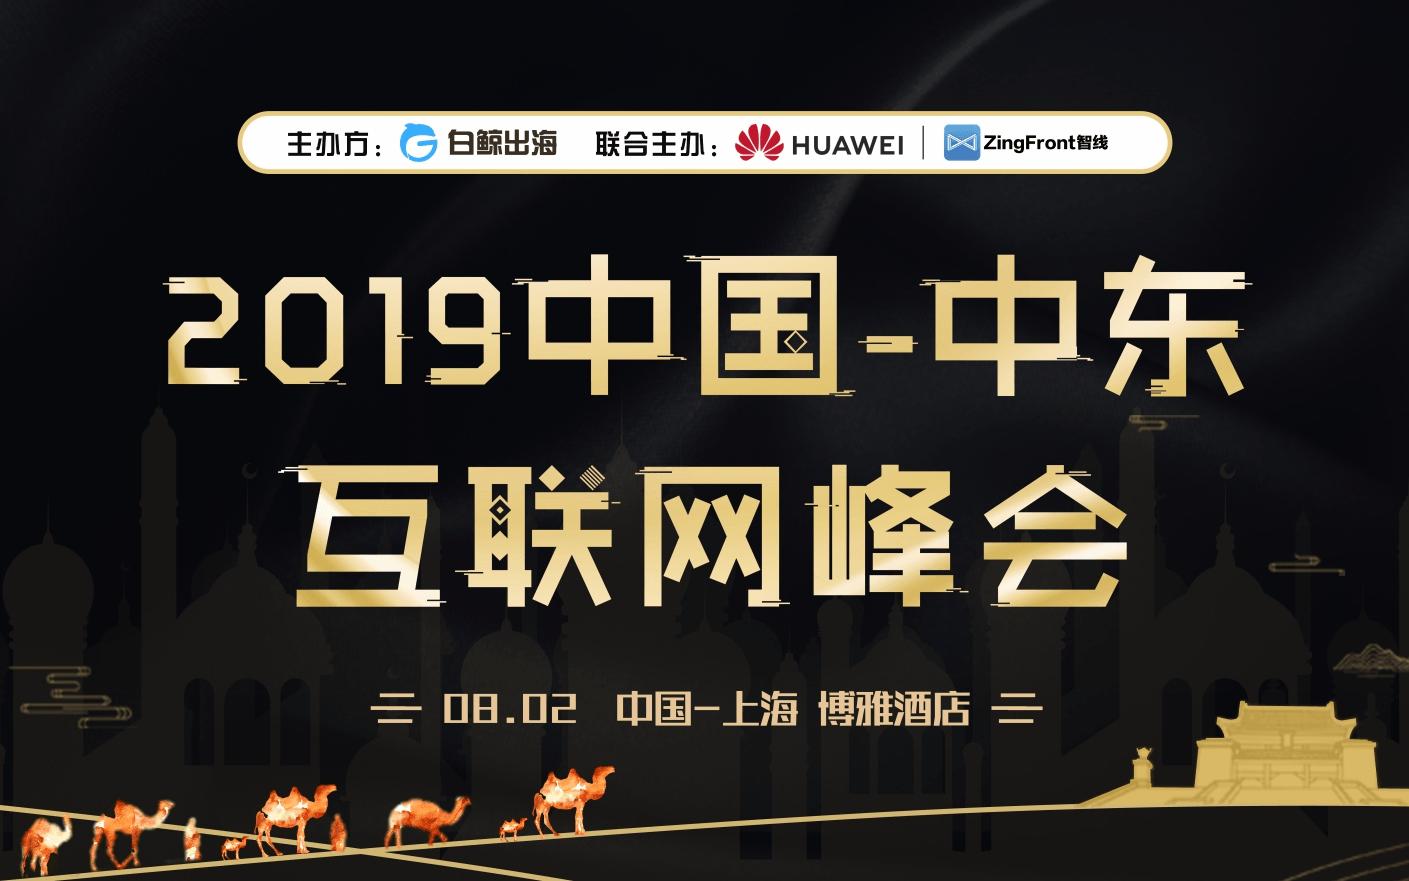 2019中國-中東互聯網峰會(上海)